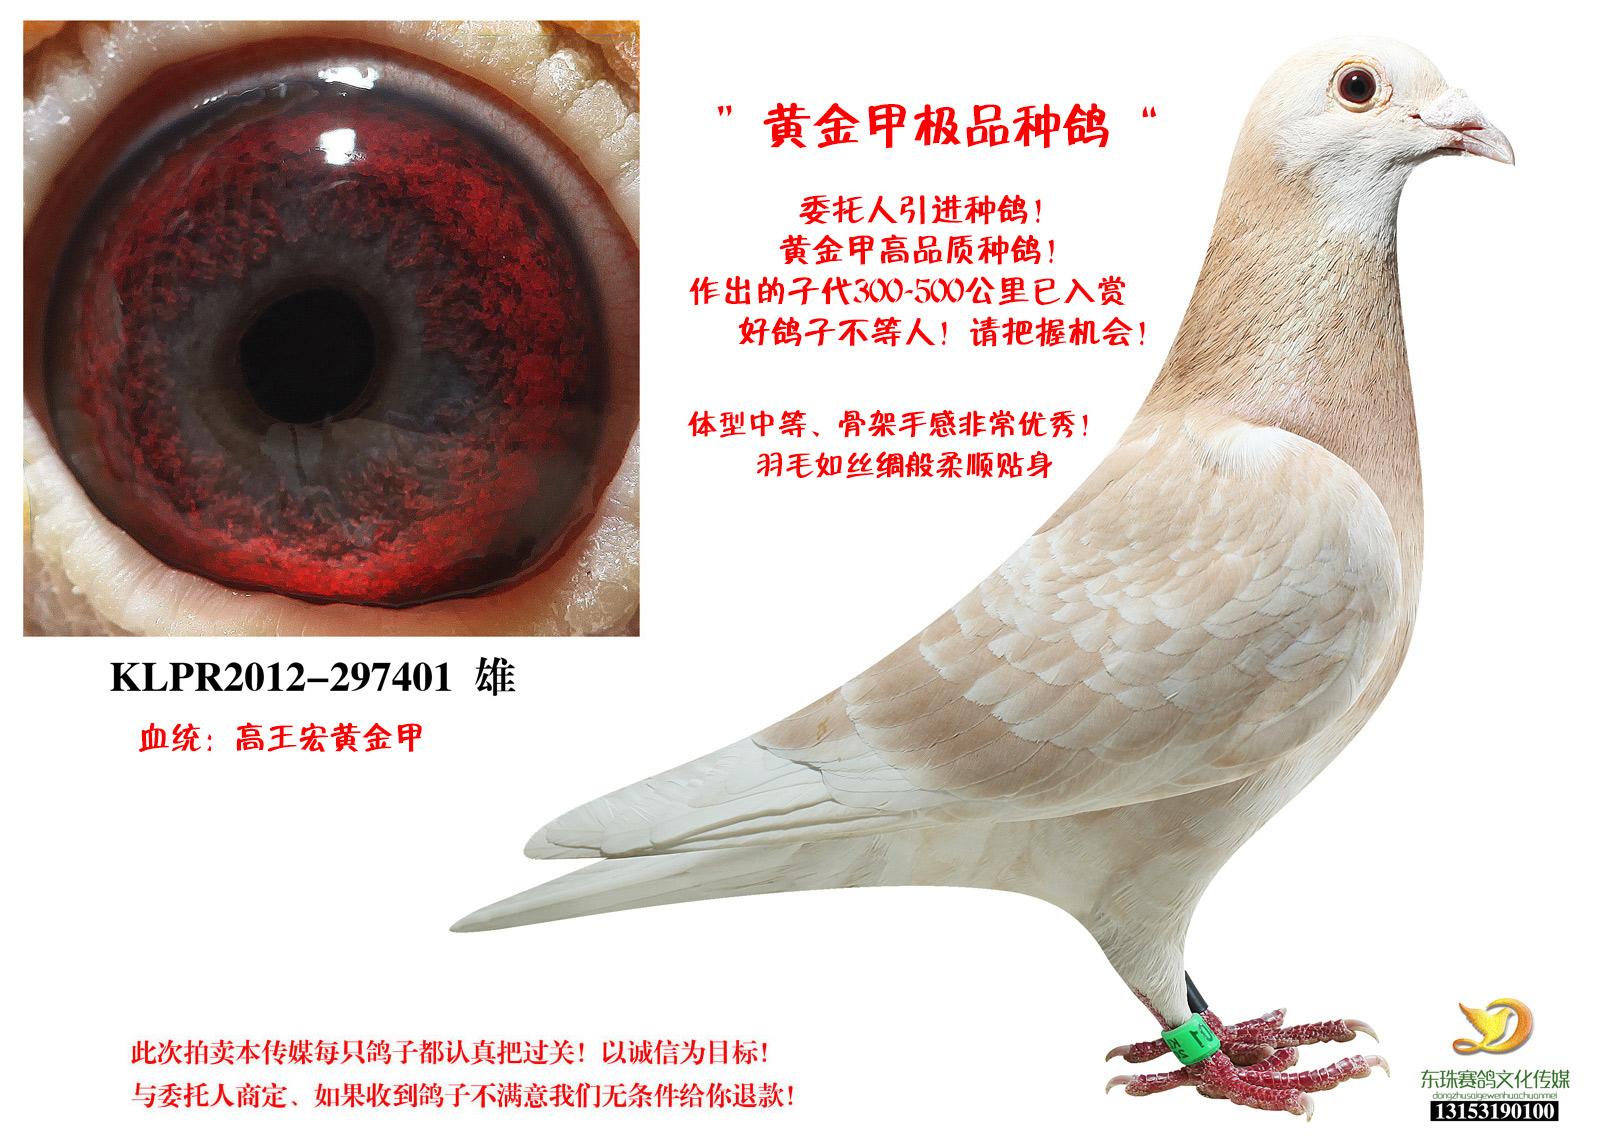 台湾著名鸽系金甲超级种鸽!保证金级拍卖